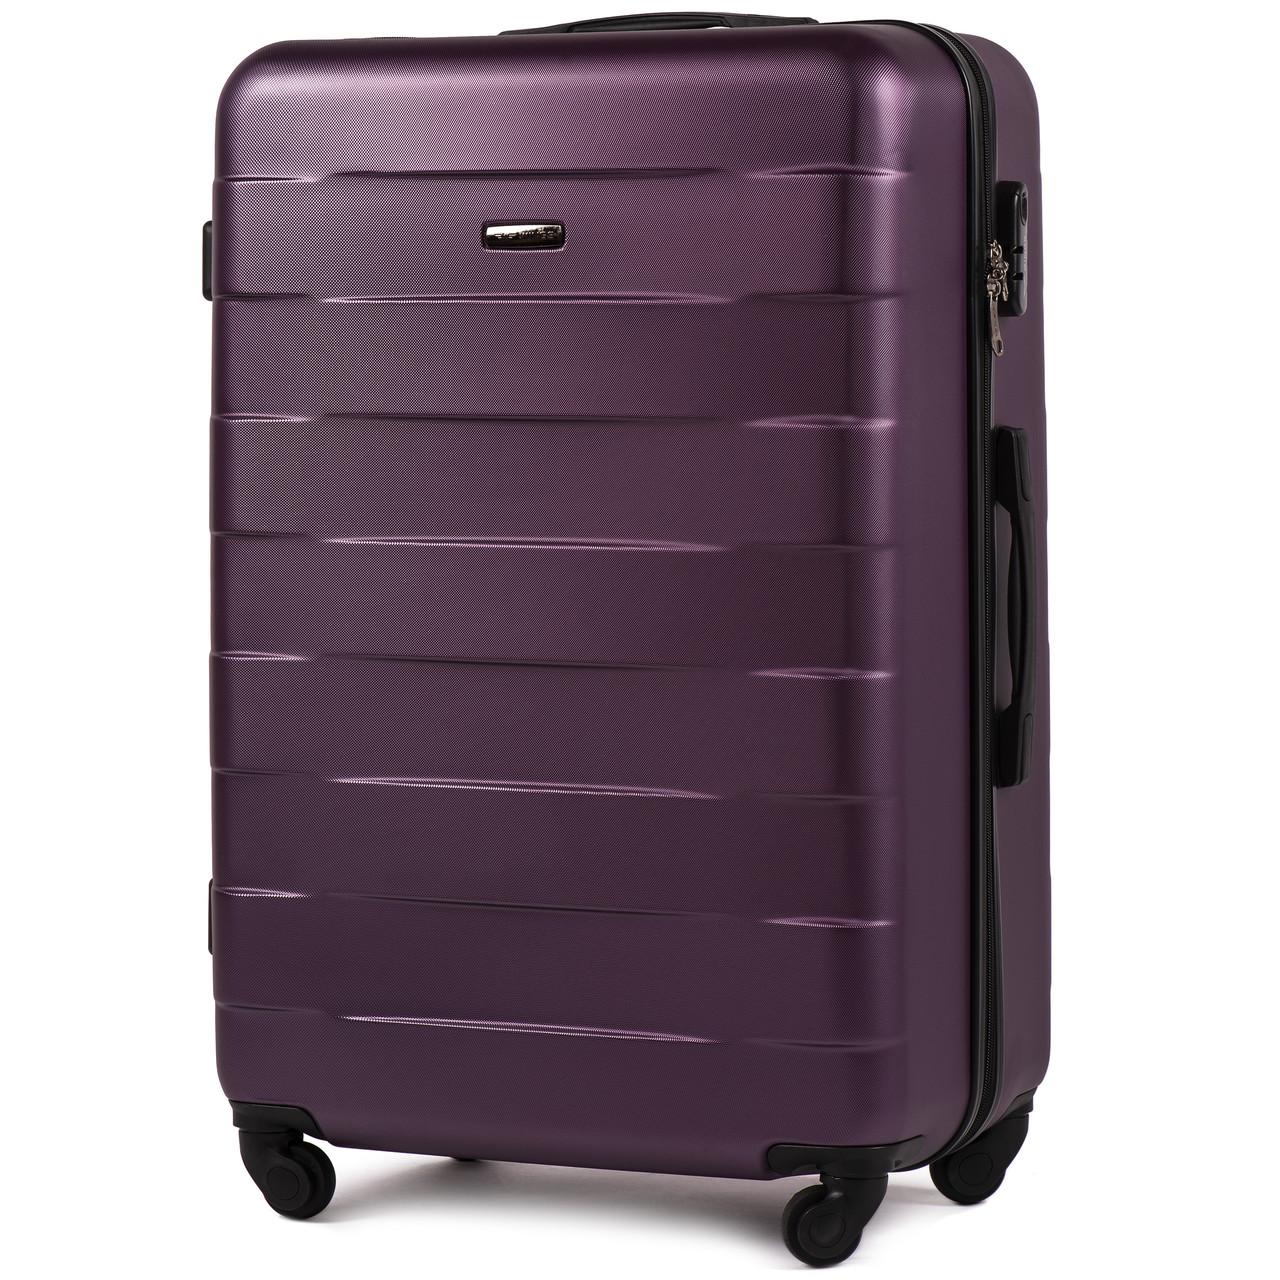 Средний пластиковый чемодан Wings 401 на 4 колесах фиолетовый, фото 1